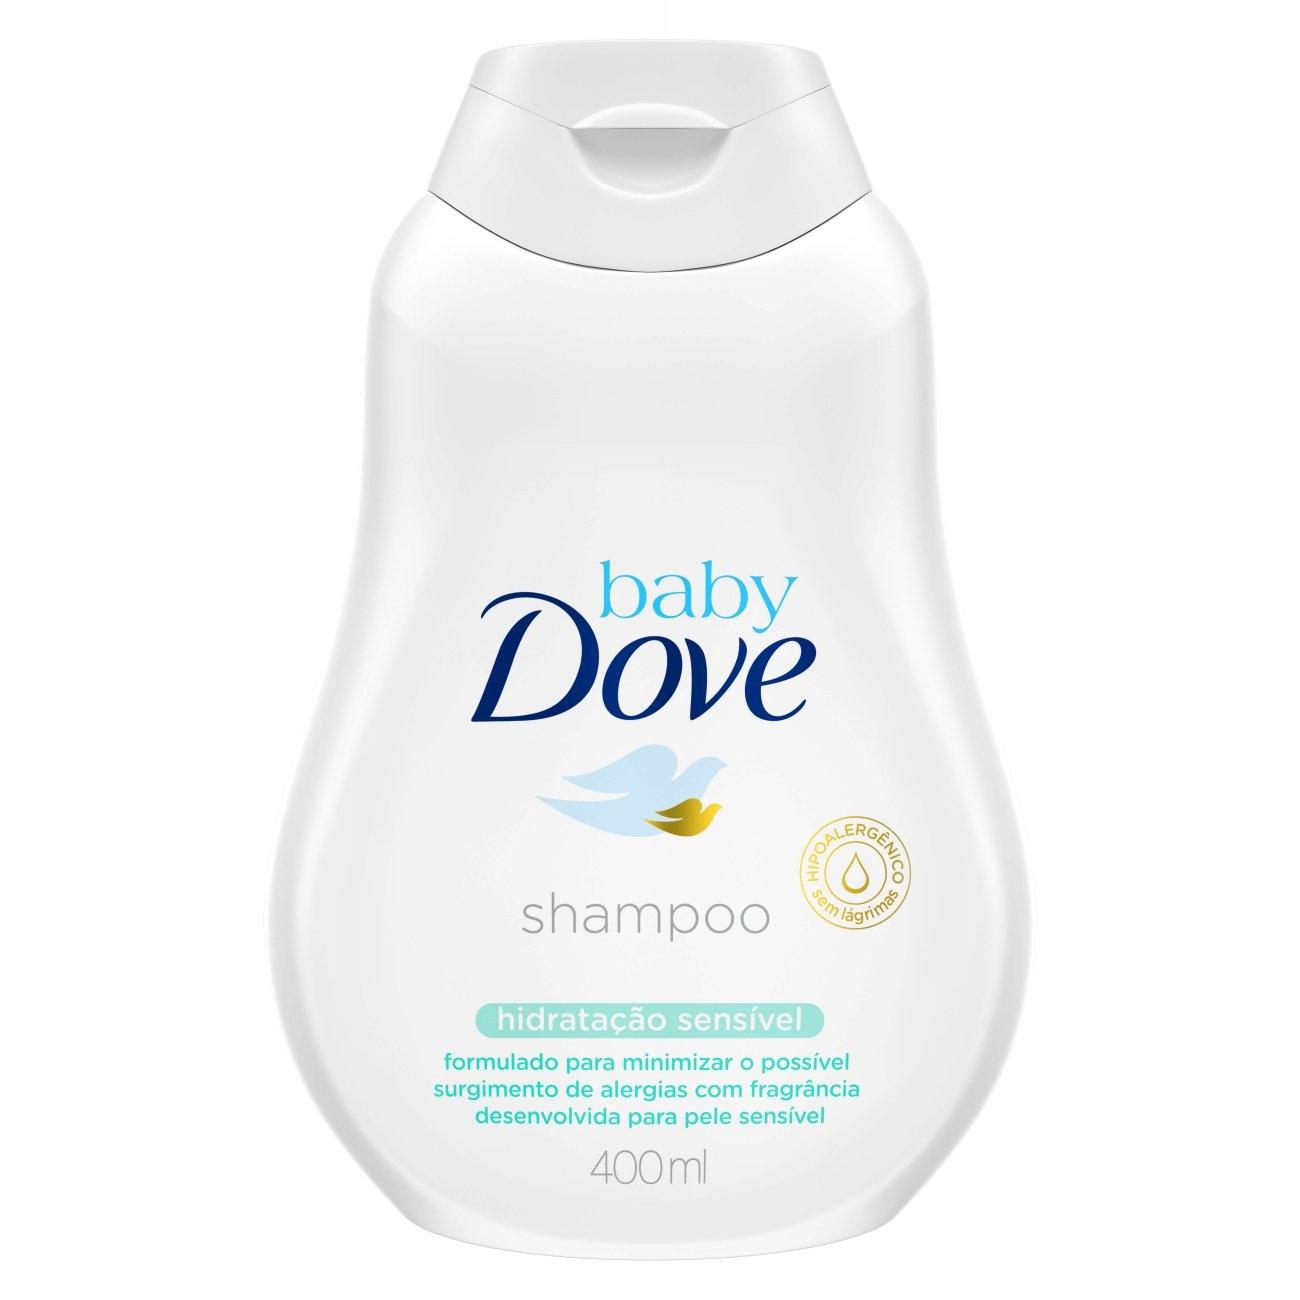 Shampoo Baby Dove Hidrata��o Sens�vel 400 mL